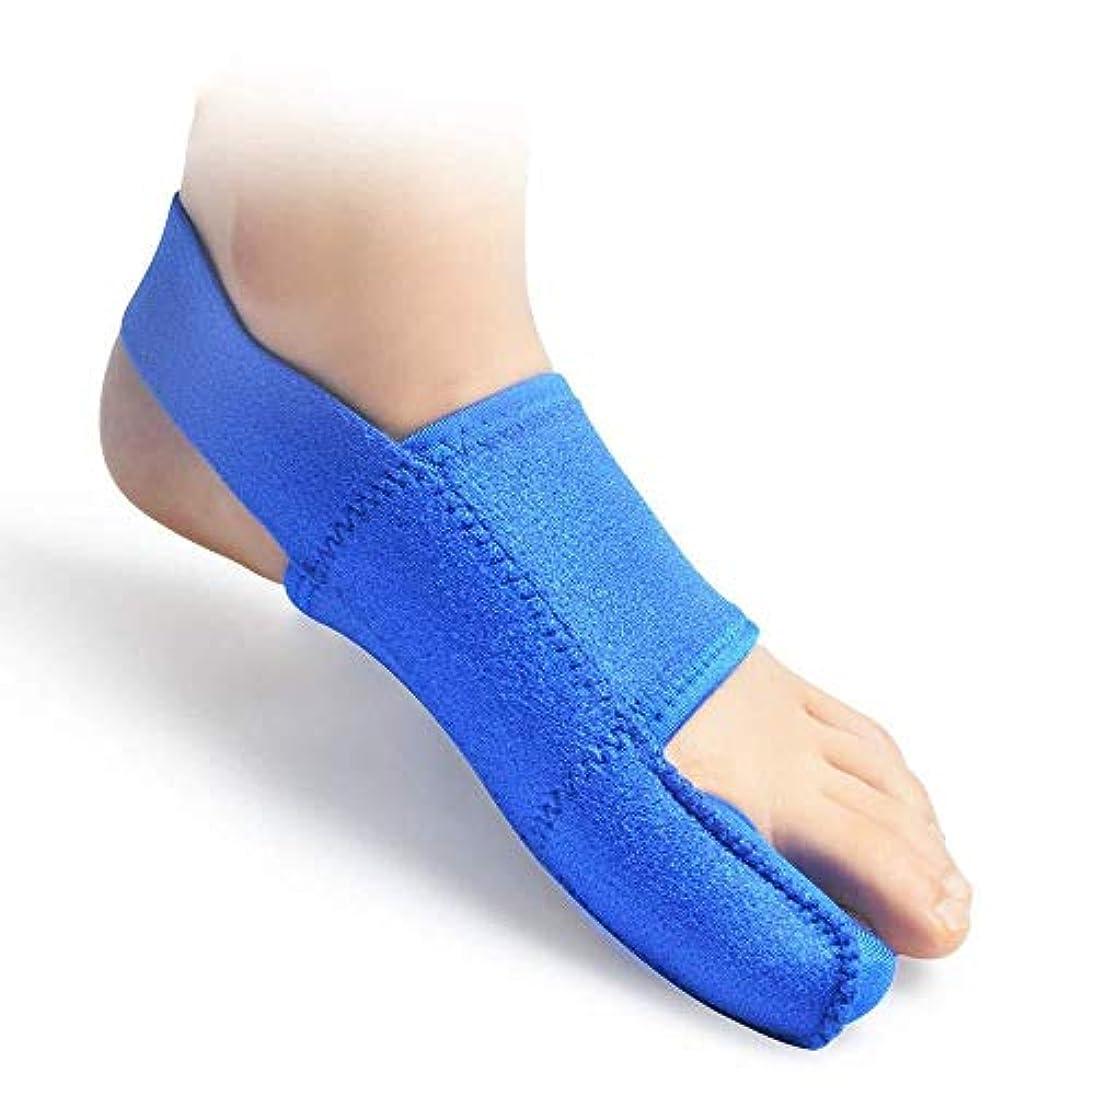 警報トースト聖域つま先セパレーター、つま先セパレーター、ハンマーの痛みのための超ソフトで快適なつま先のつま先つま先セパレーター装具,Left Foot